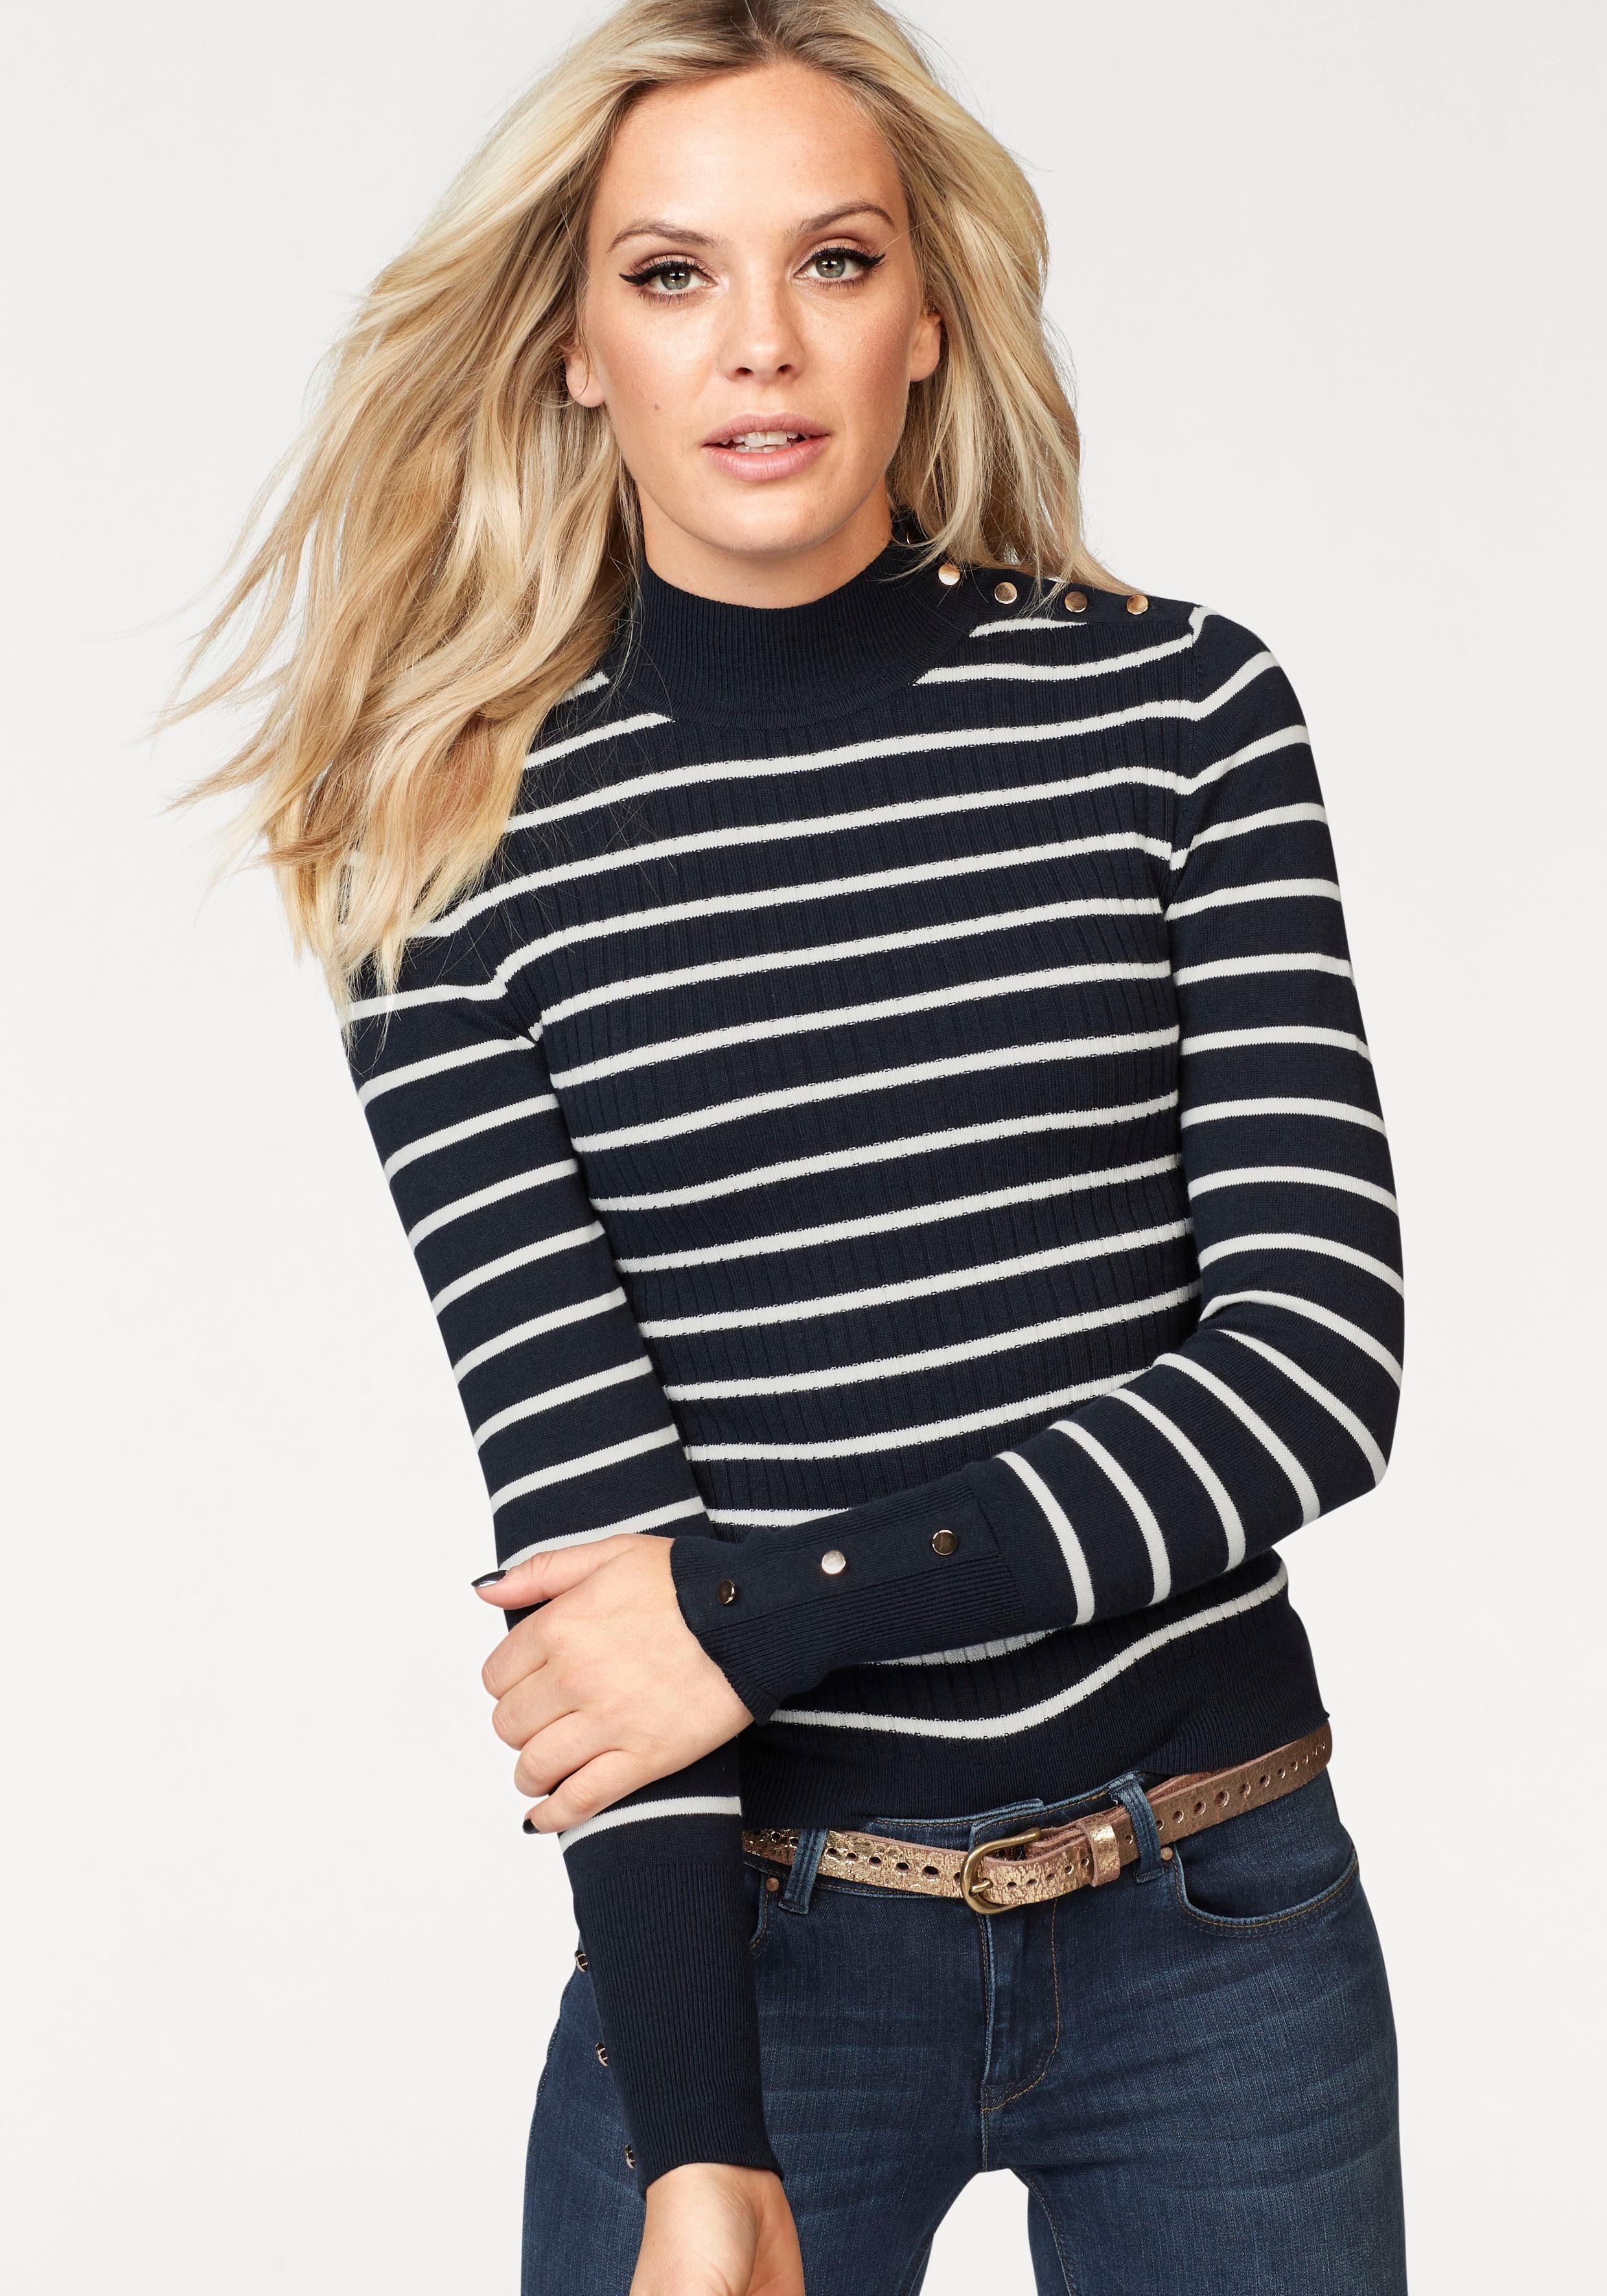 Erfinderisch Wool & Co Herren V-ausschnitt Pullover Lange Ärmel Gr Xl Herrenmode